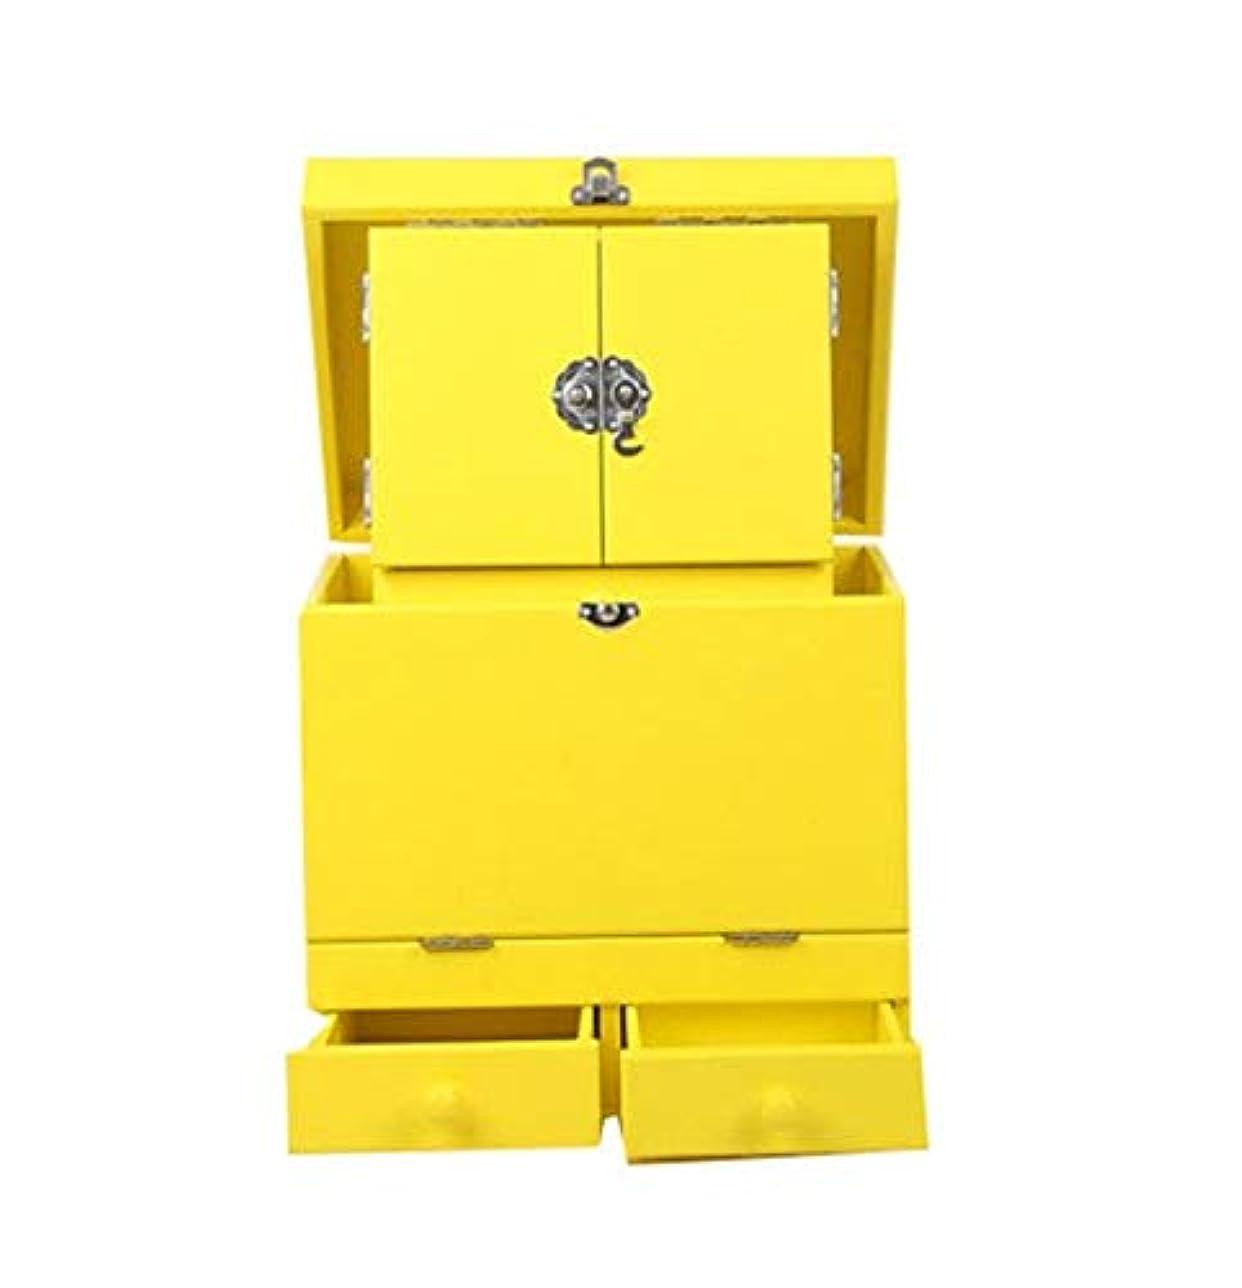 暴露する教えて接続詞化粧箱、黄色のダブルデッカーヴィンテージ木製彫刻が施された化粧ケース、ミラー、高級ウェディングギフト、新築祝いギフト、美容ネイルジュエリー収納ボックス